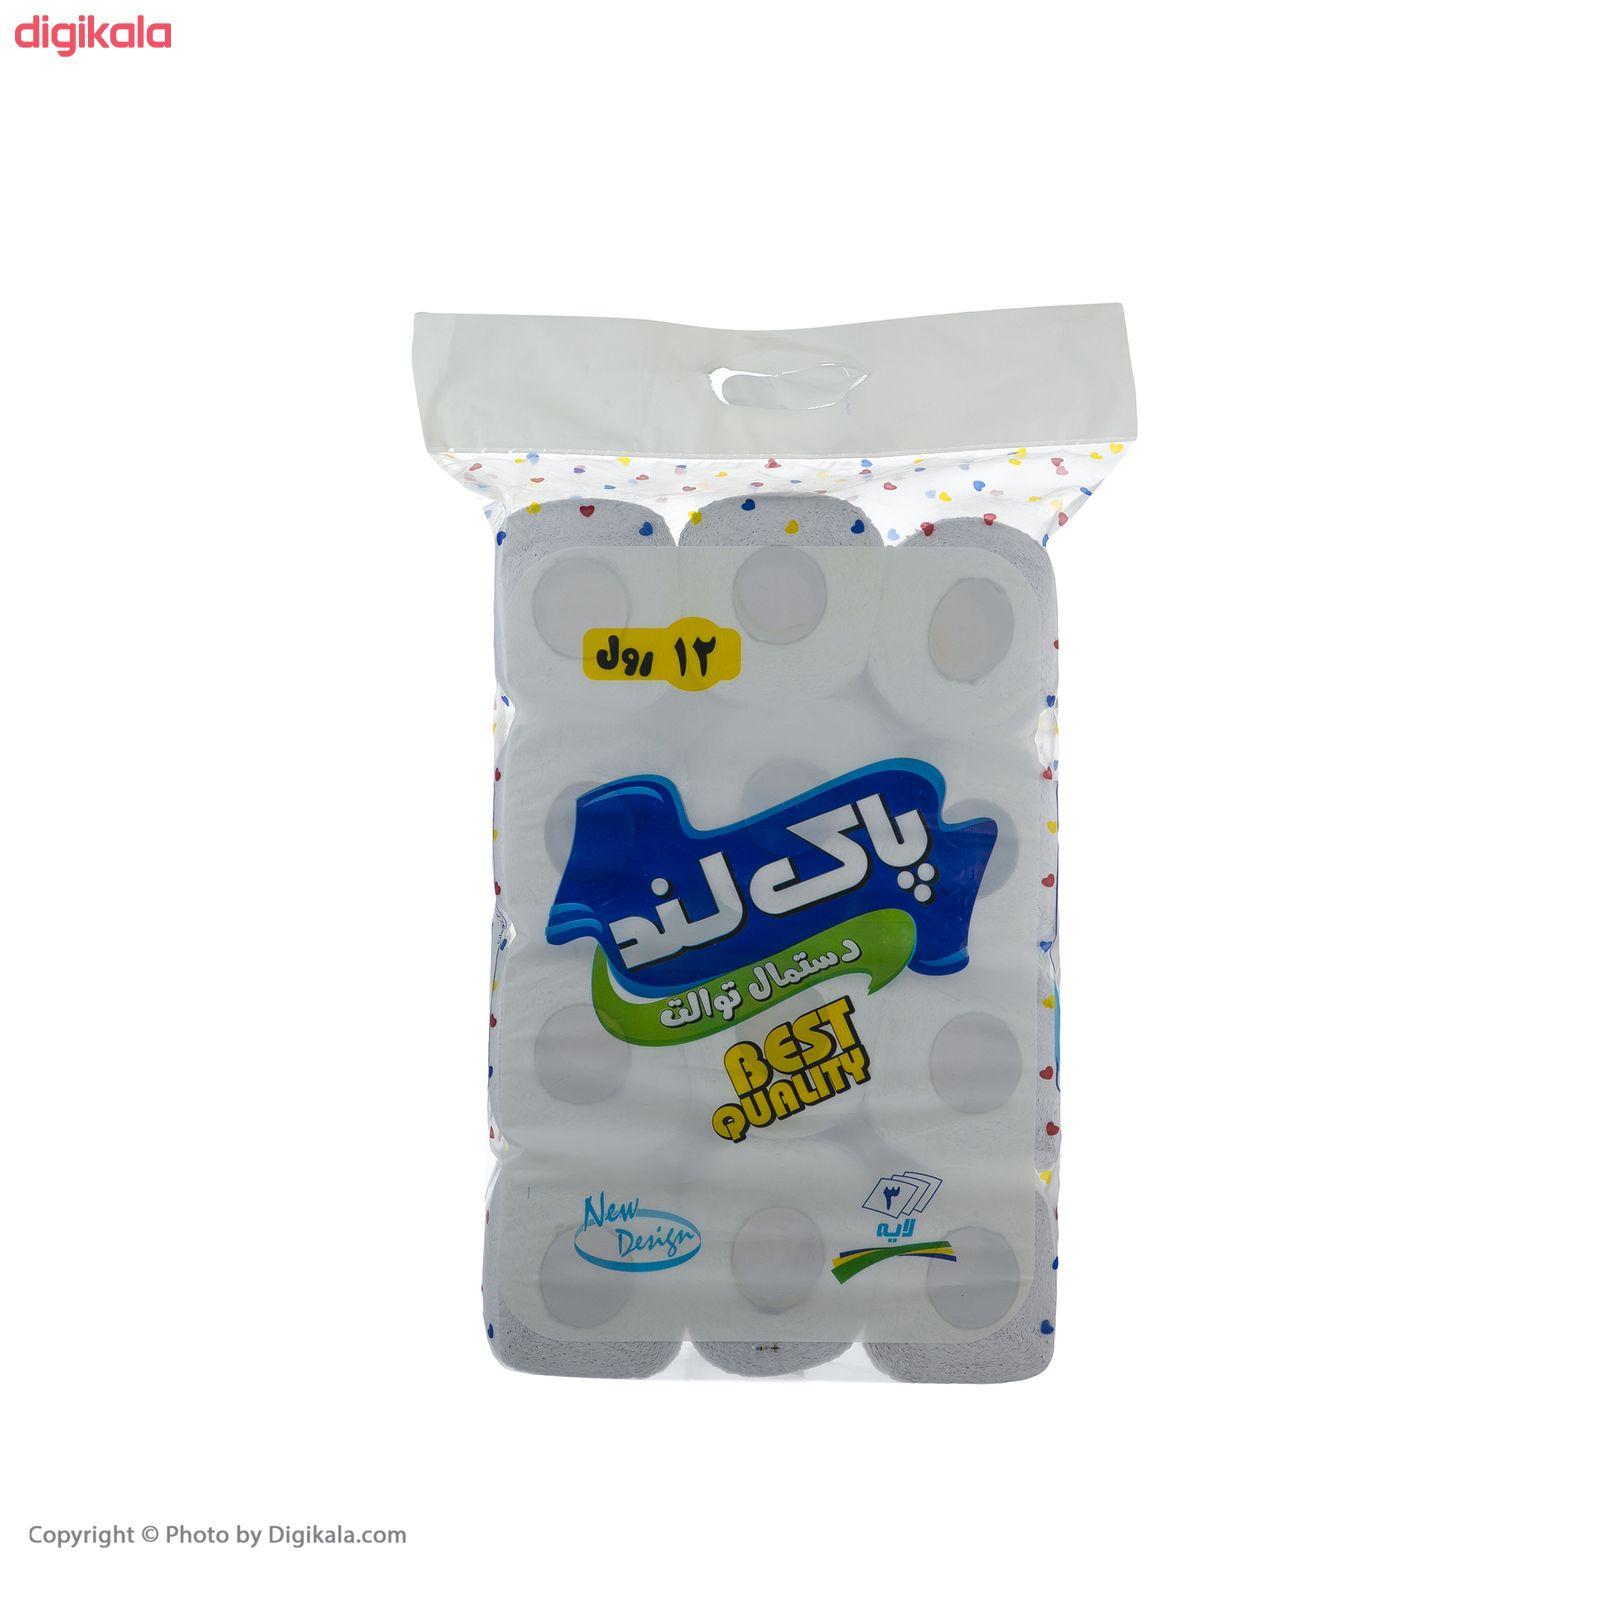 دستمال توالت پاکلند مدل Heart بسته 12 عددی main 1 1